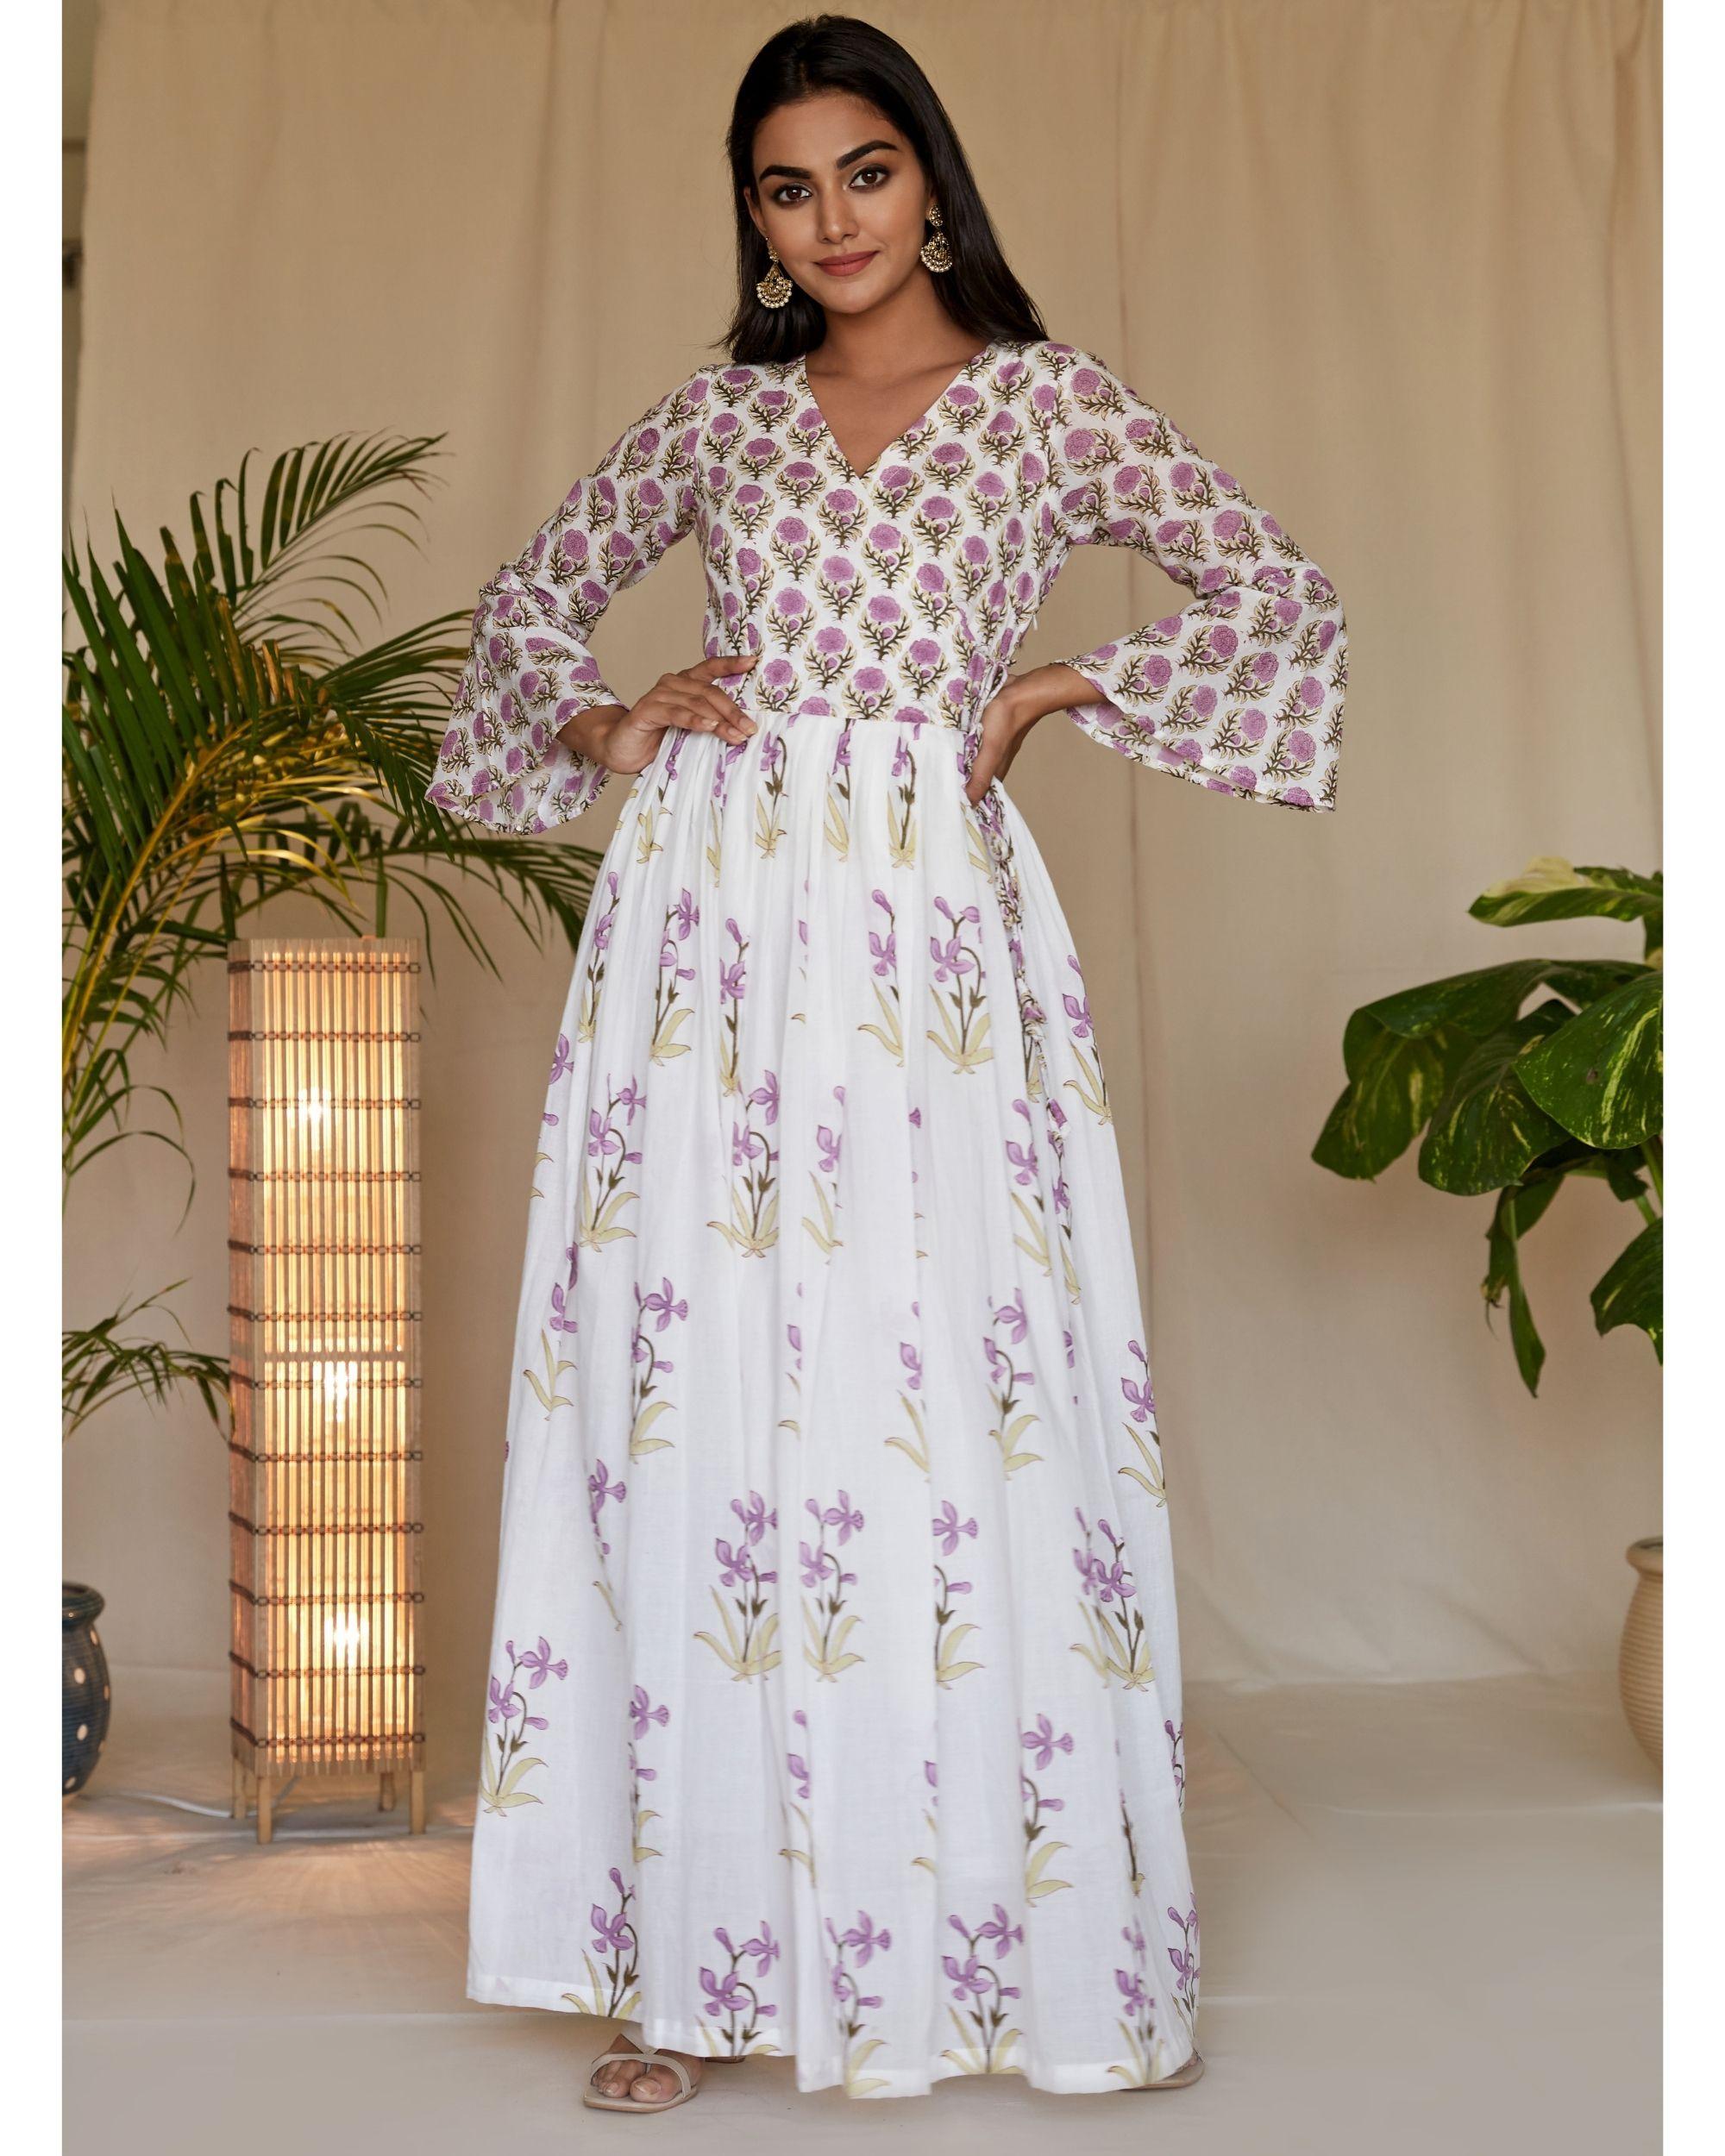 Lilac lily block printed angrakha dress